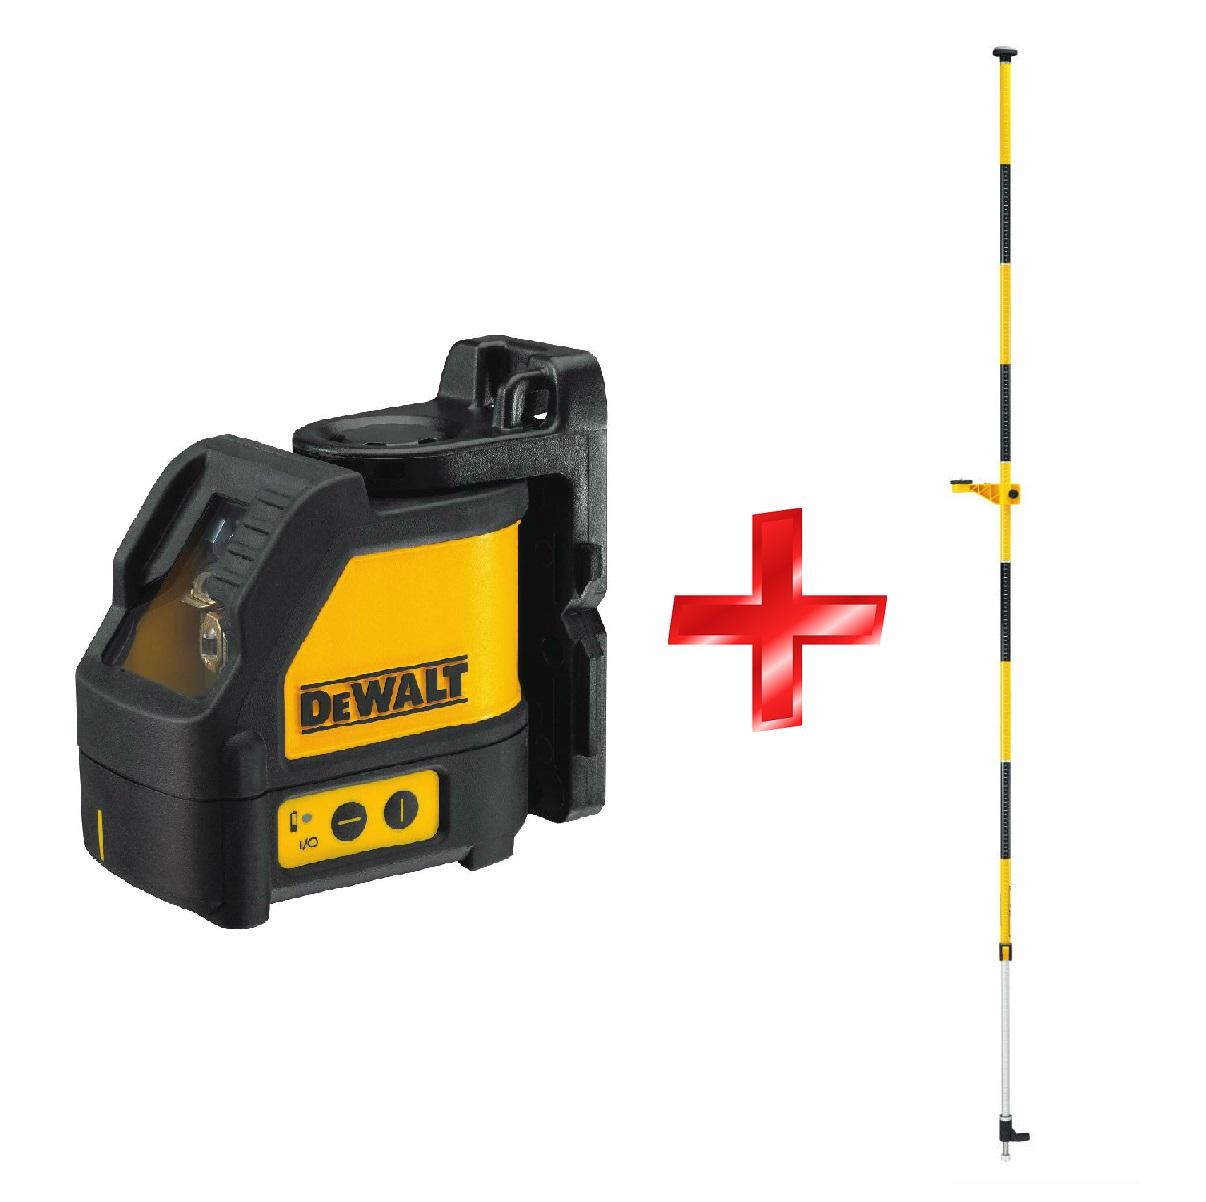 DW088KPOL DeWALT Samonivelační křížový laser s rozpěrnou tyčí DE0882